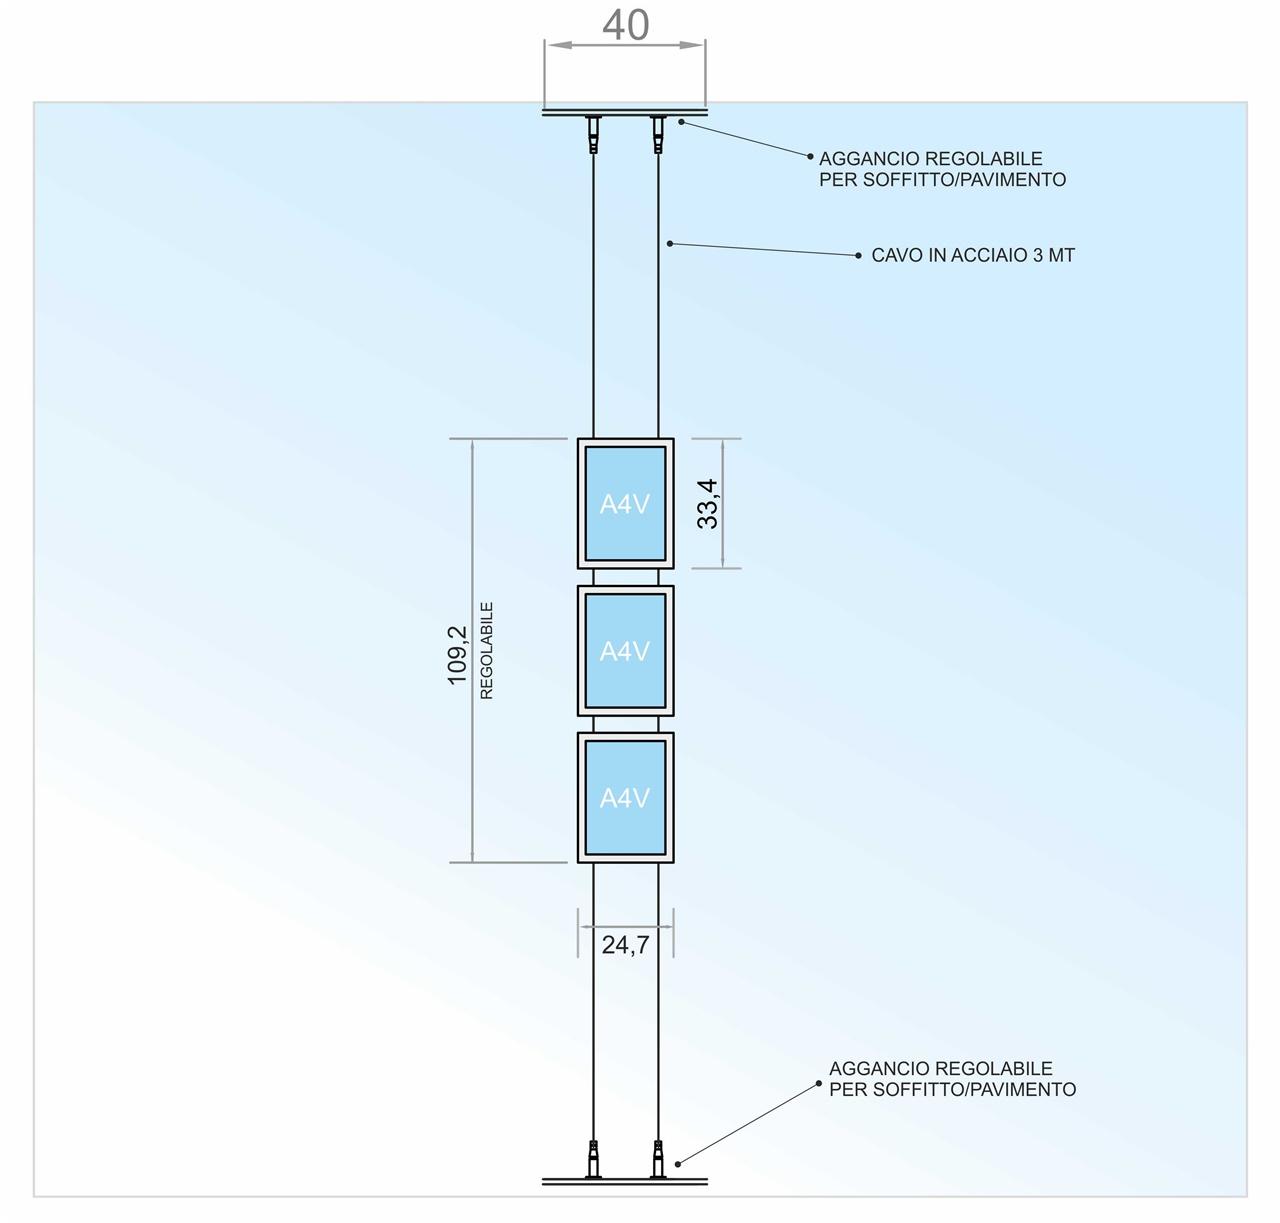 Espositore a cavetto con 3 tasche f.to A4 verticali (3 V. x 1 O.)